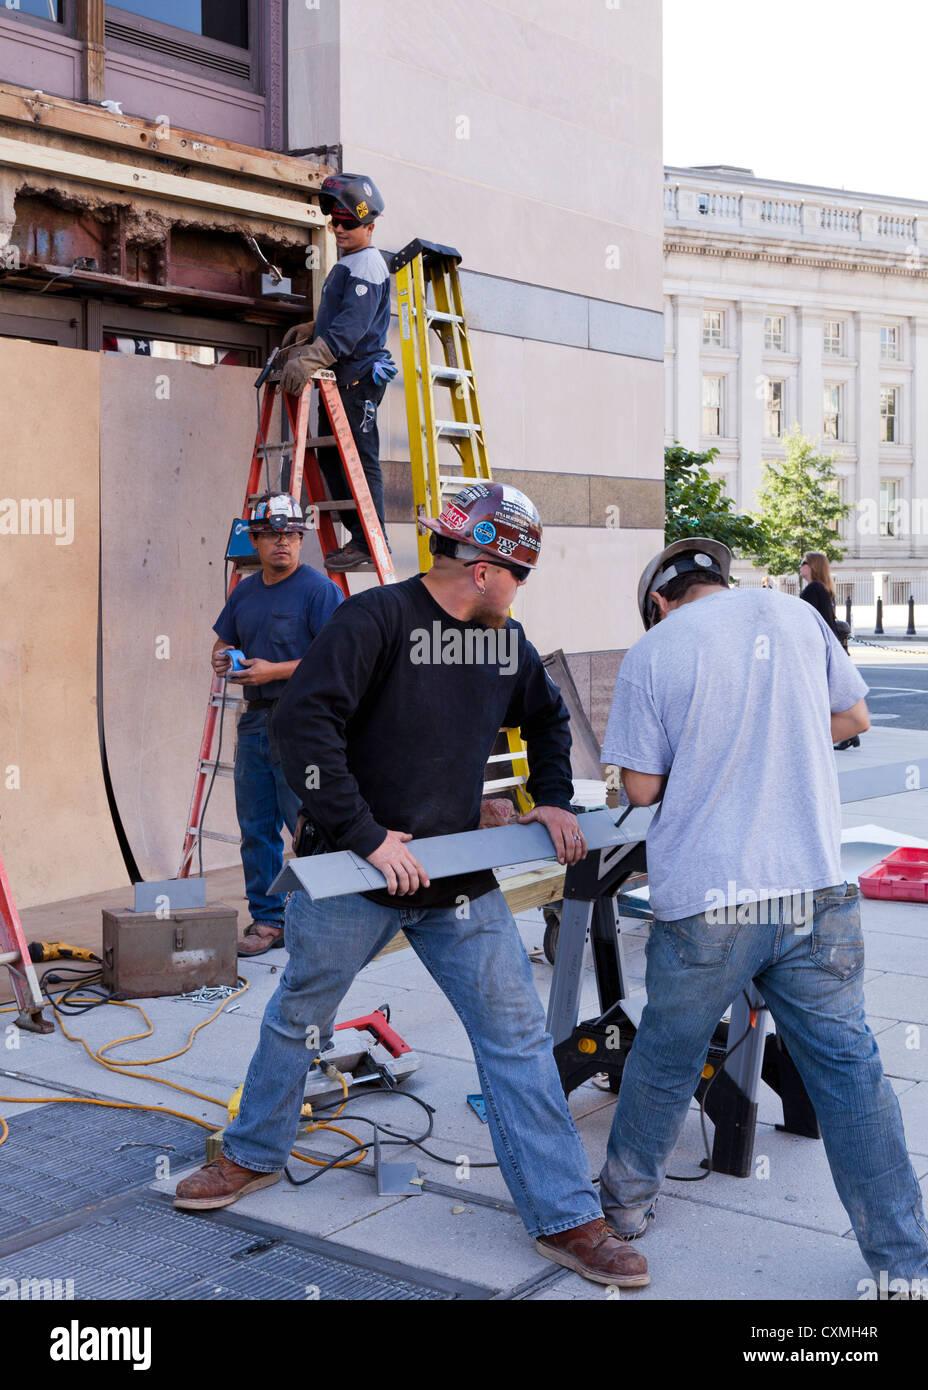 Los trabajadores de la construcción la reparación exterior del edificio - Washington, DC, EE.UU. Imagen De Stock